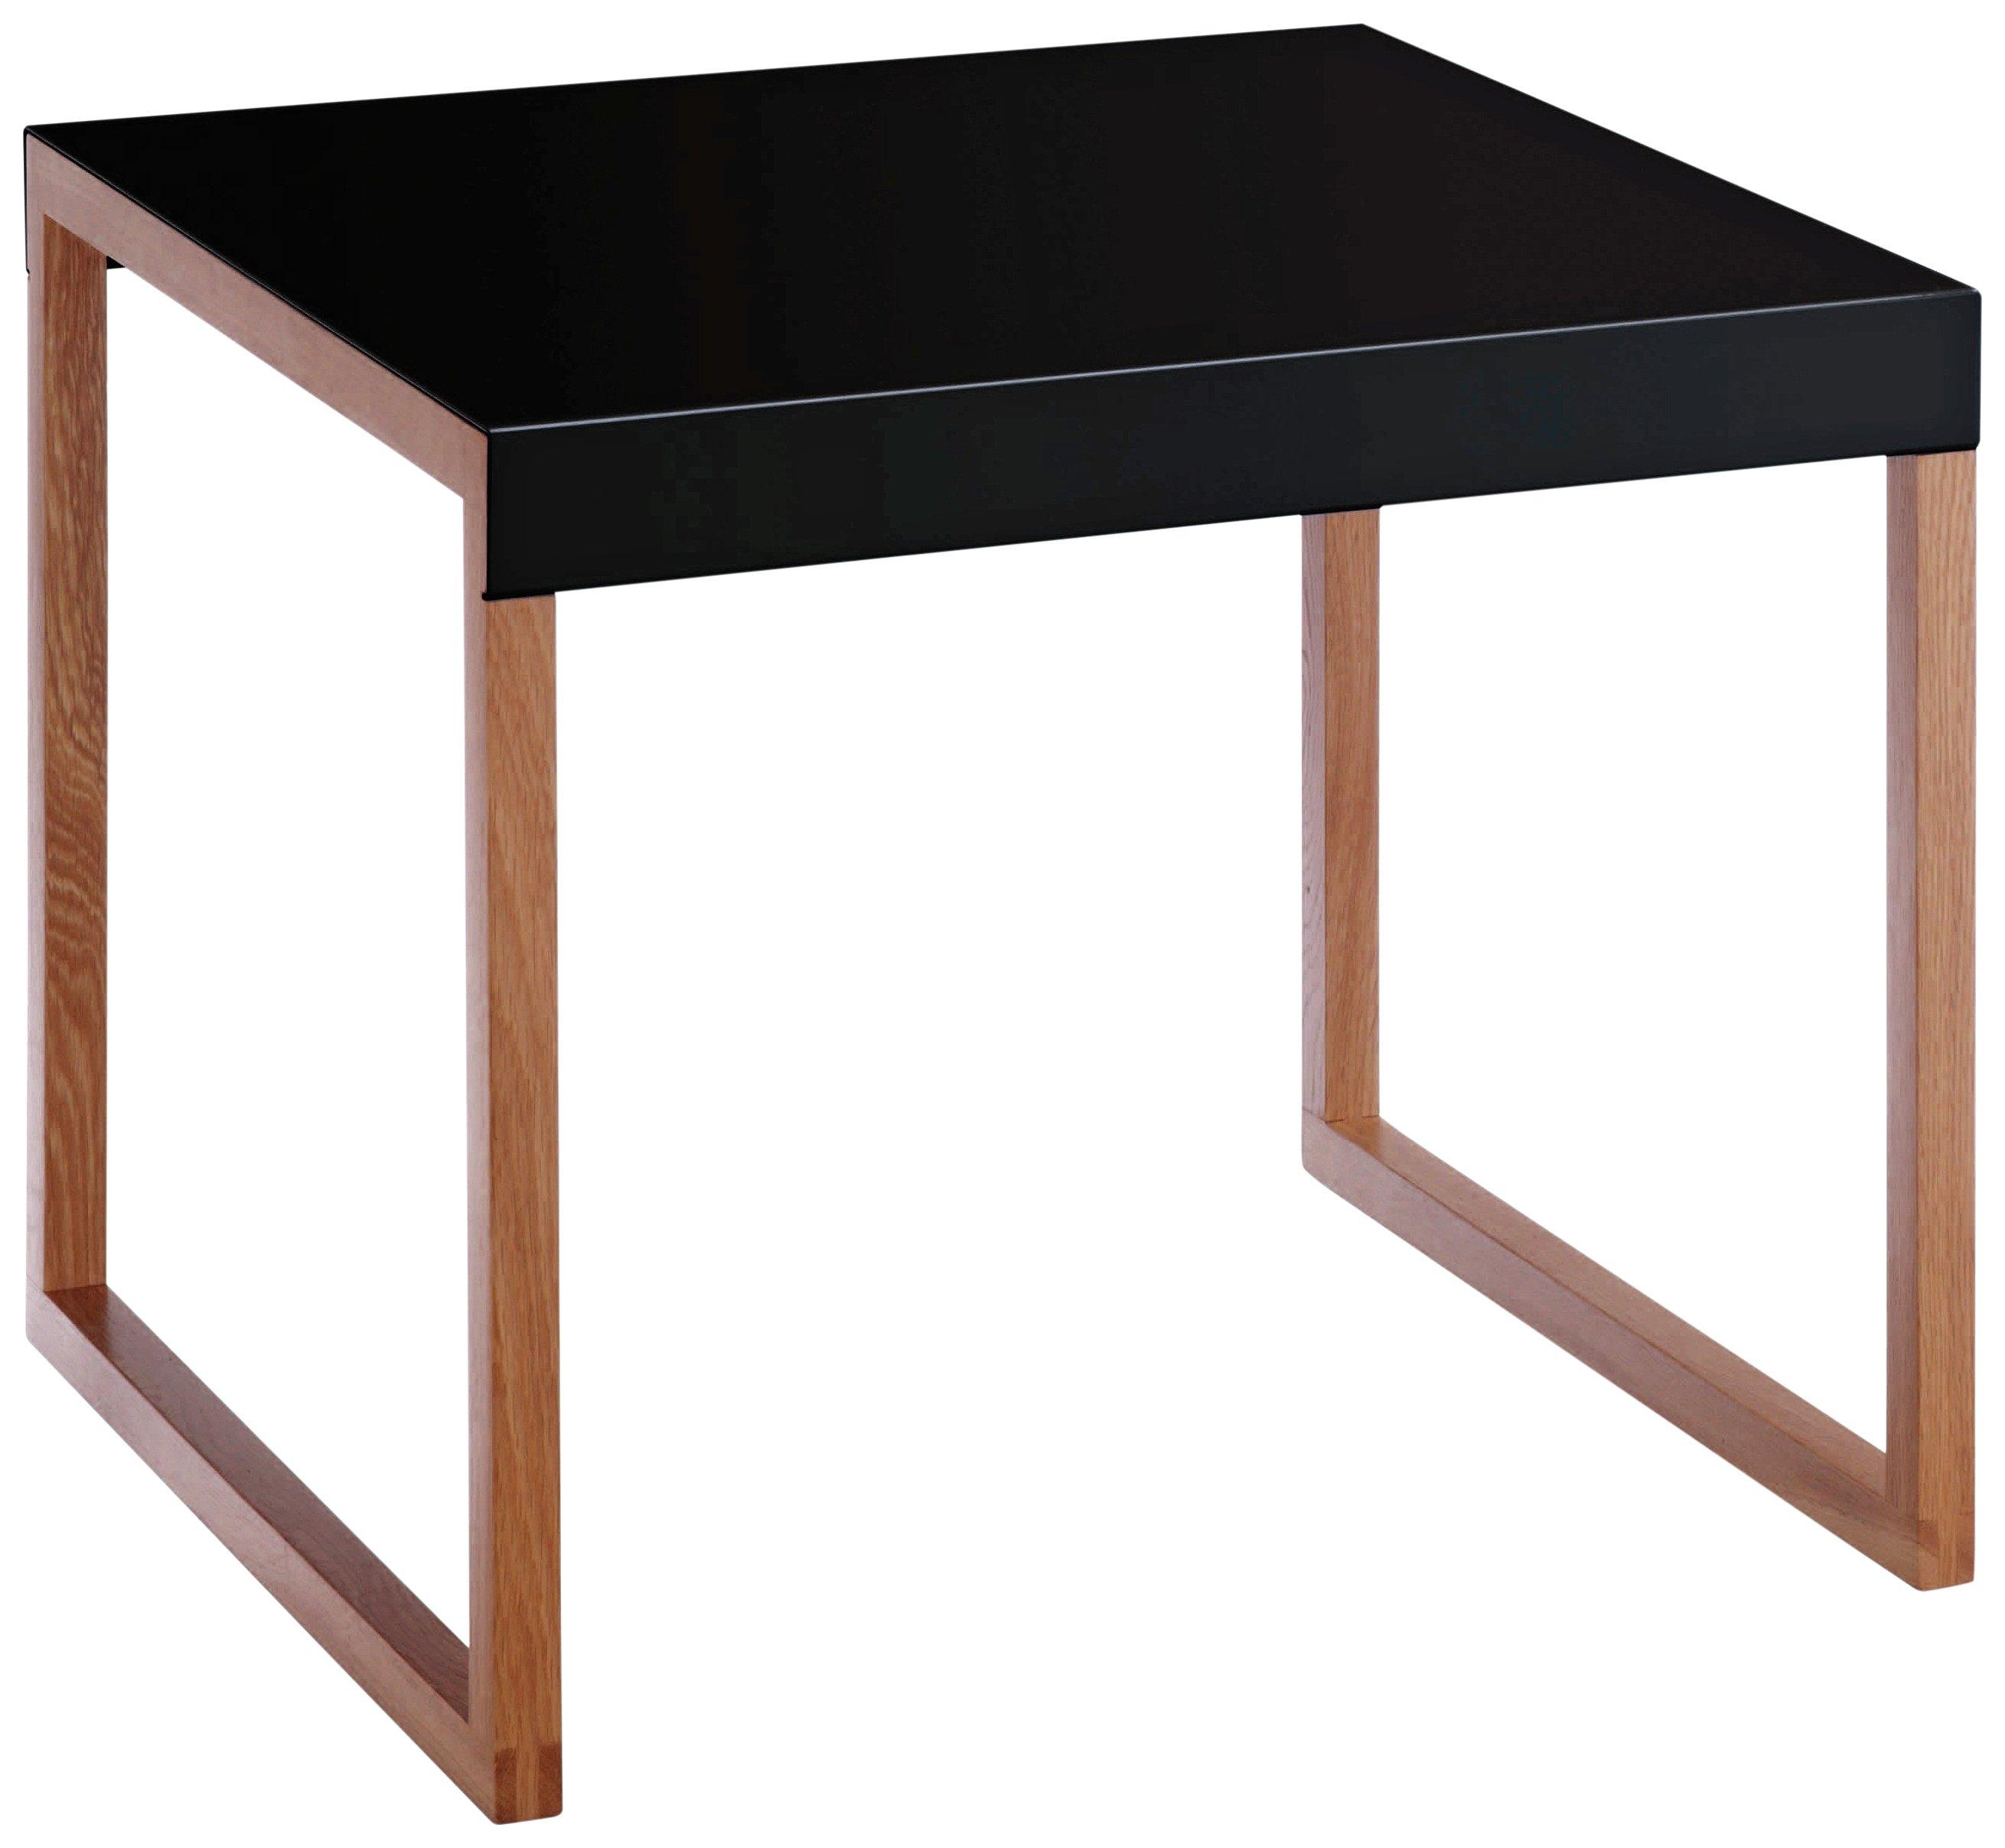 argos bedside tables chests and bedside cabinets. Black Bedroom Furniture Sets. Home Design Ideas